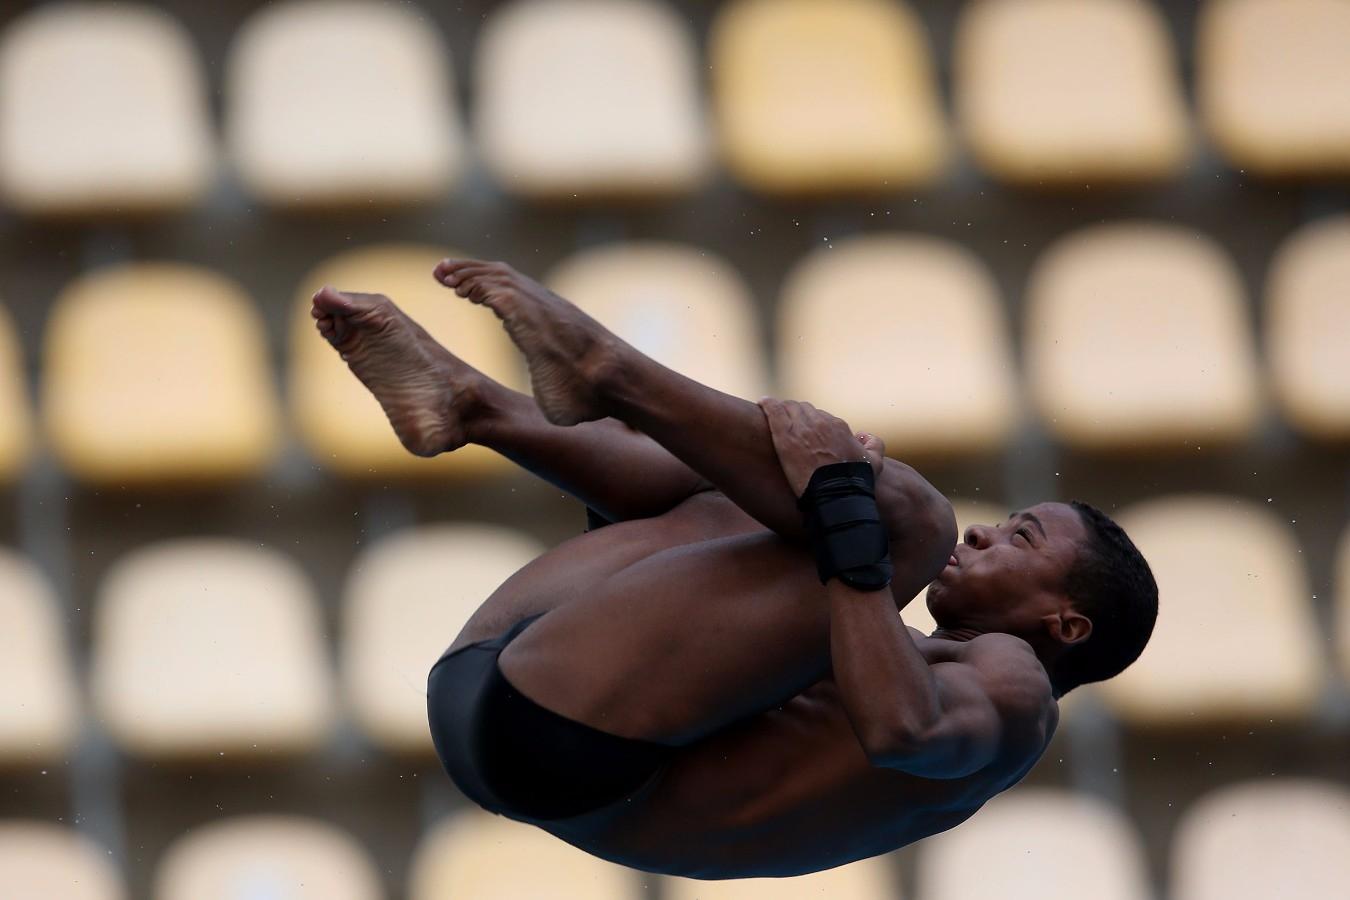 Plataforma. Trofeu Brasil de Saltos Ornamentais. 20 de maio de 2017, Rio de Janeiro, RJ. Foto: Satiro Sodré/SSPress/CBDA